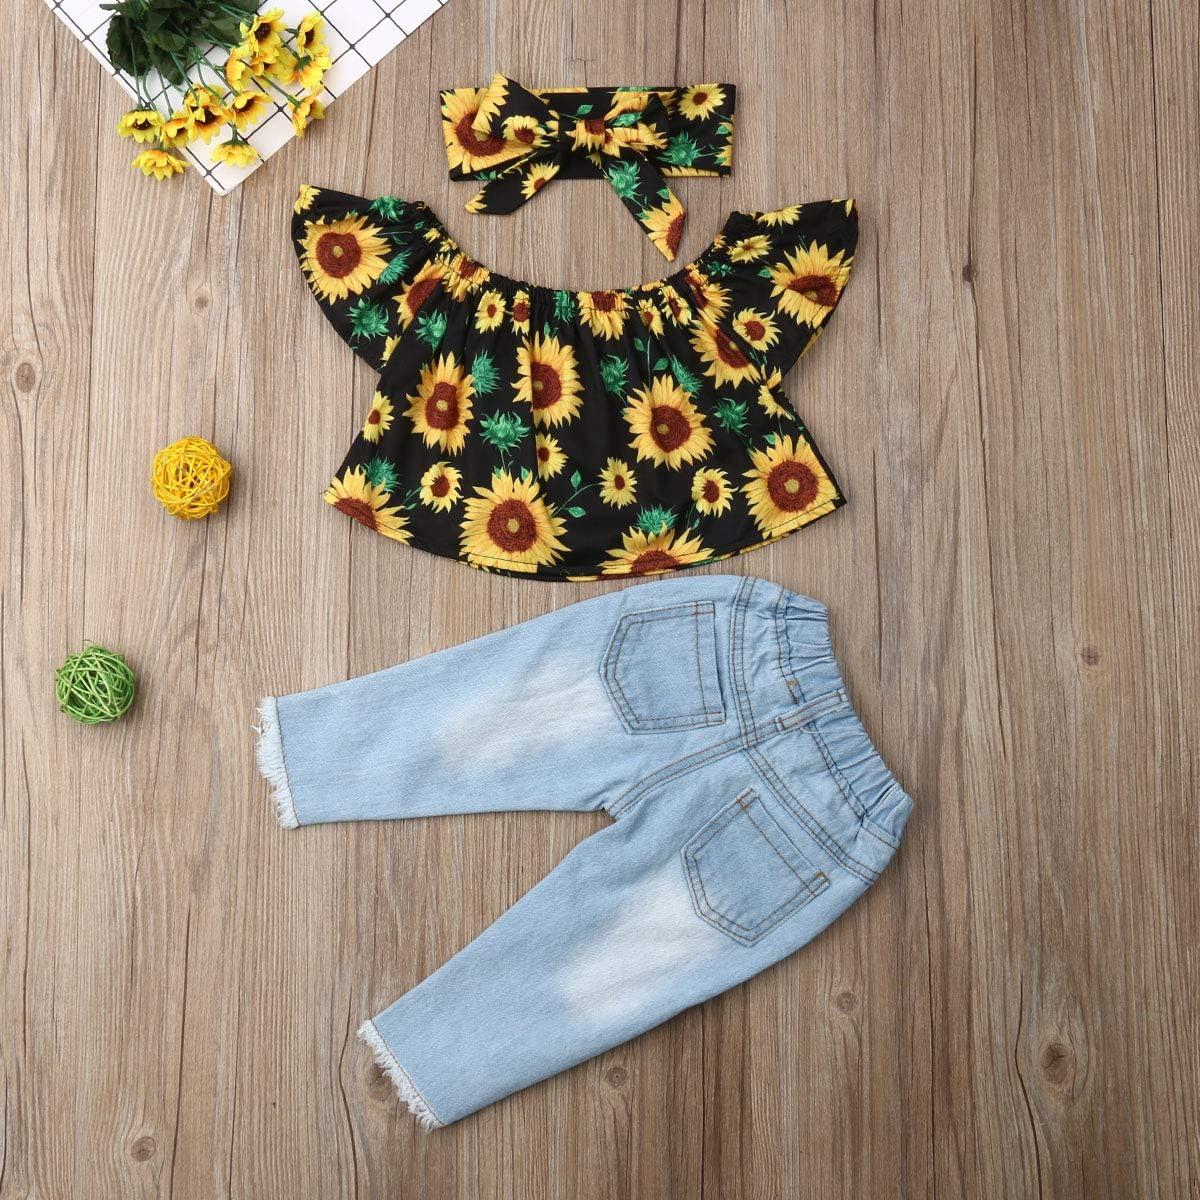 Trajes de ni/ña peque/ña para beb/és Conjunto de Hombro Girasol Top Pantalones Vaqueros Largos Banda para el Pelo 3 Piezas Conjunto de Ropa para el Verano oto/ño